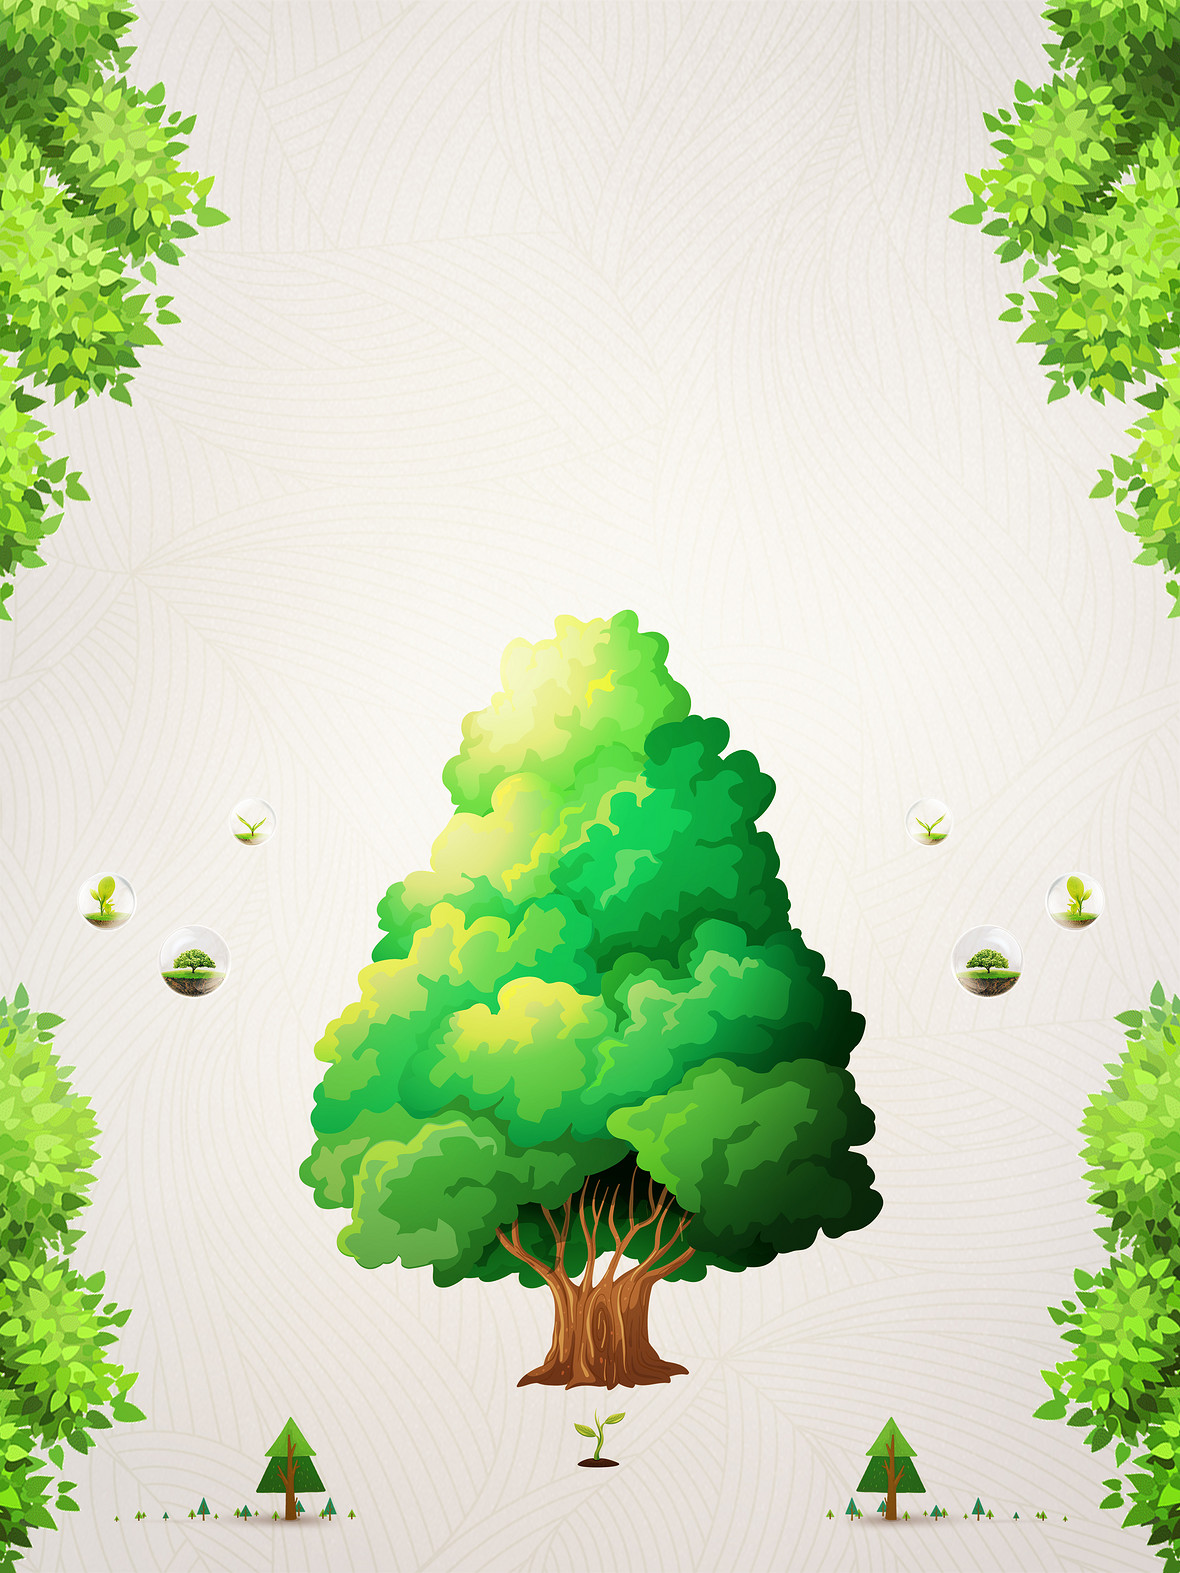 植树节环保公益海报背景素材